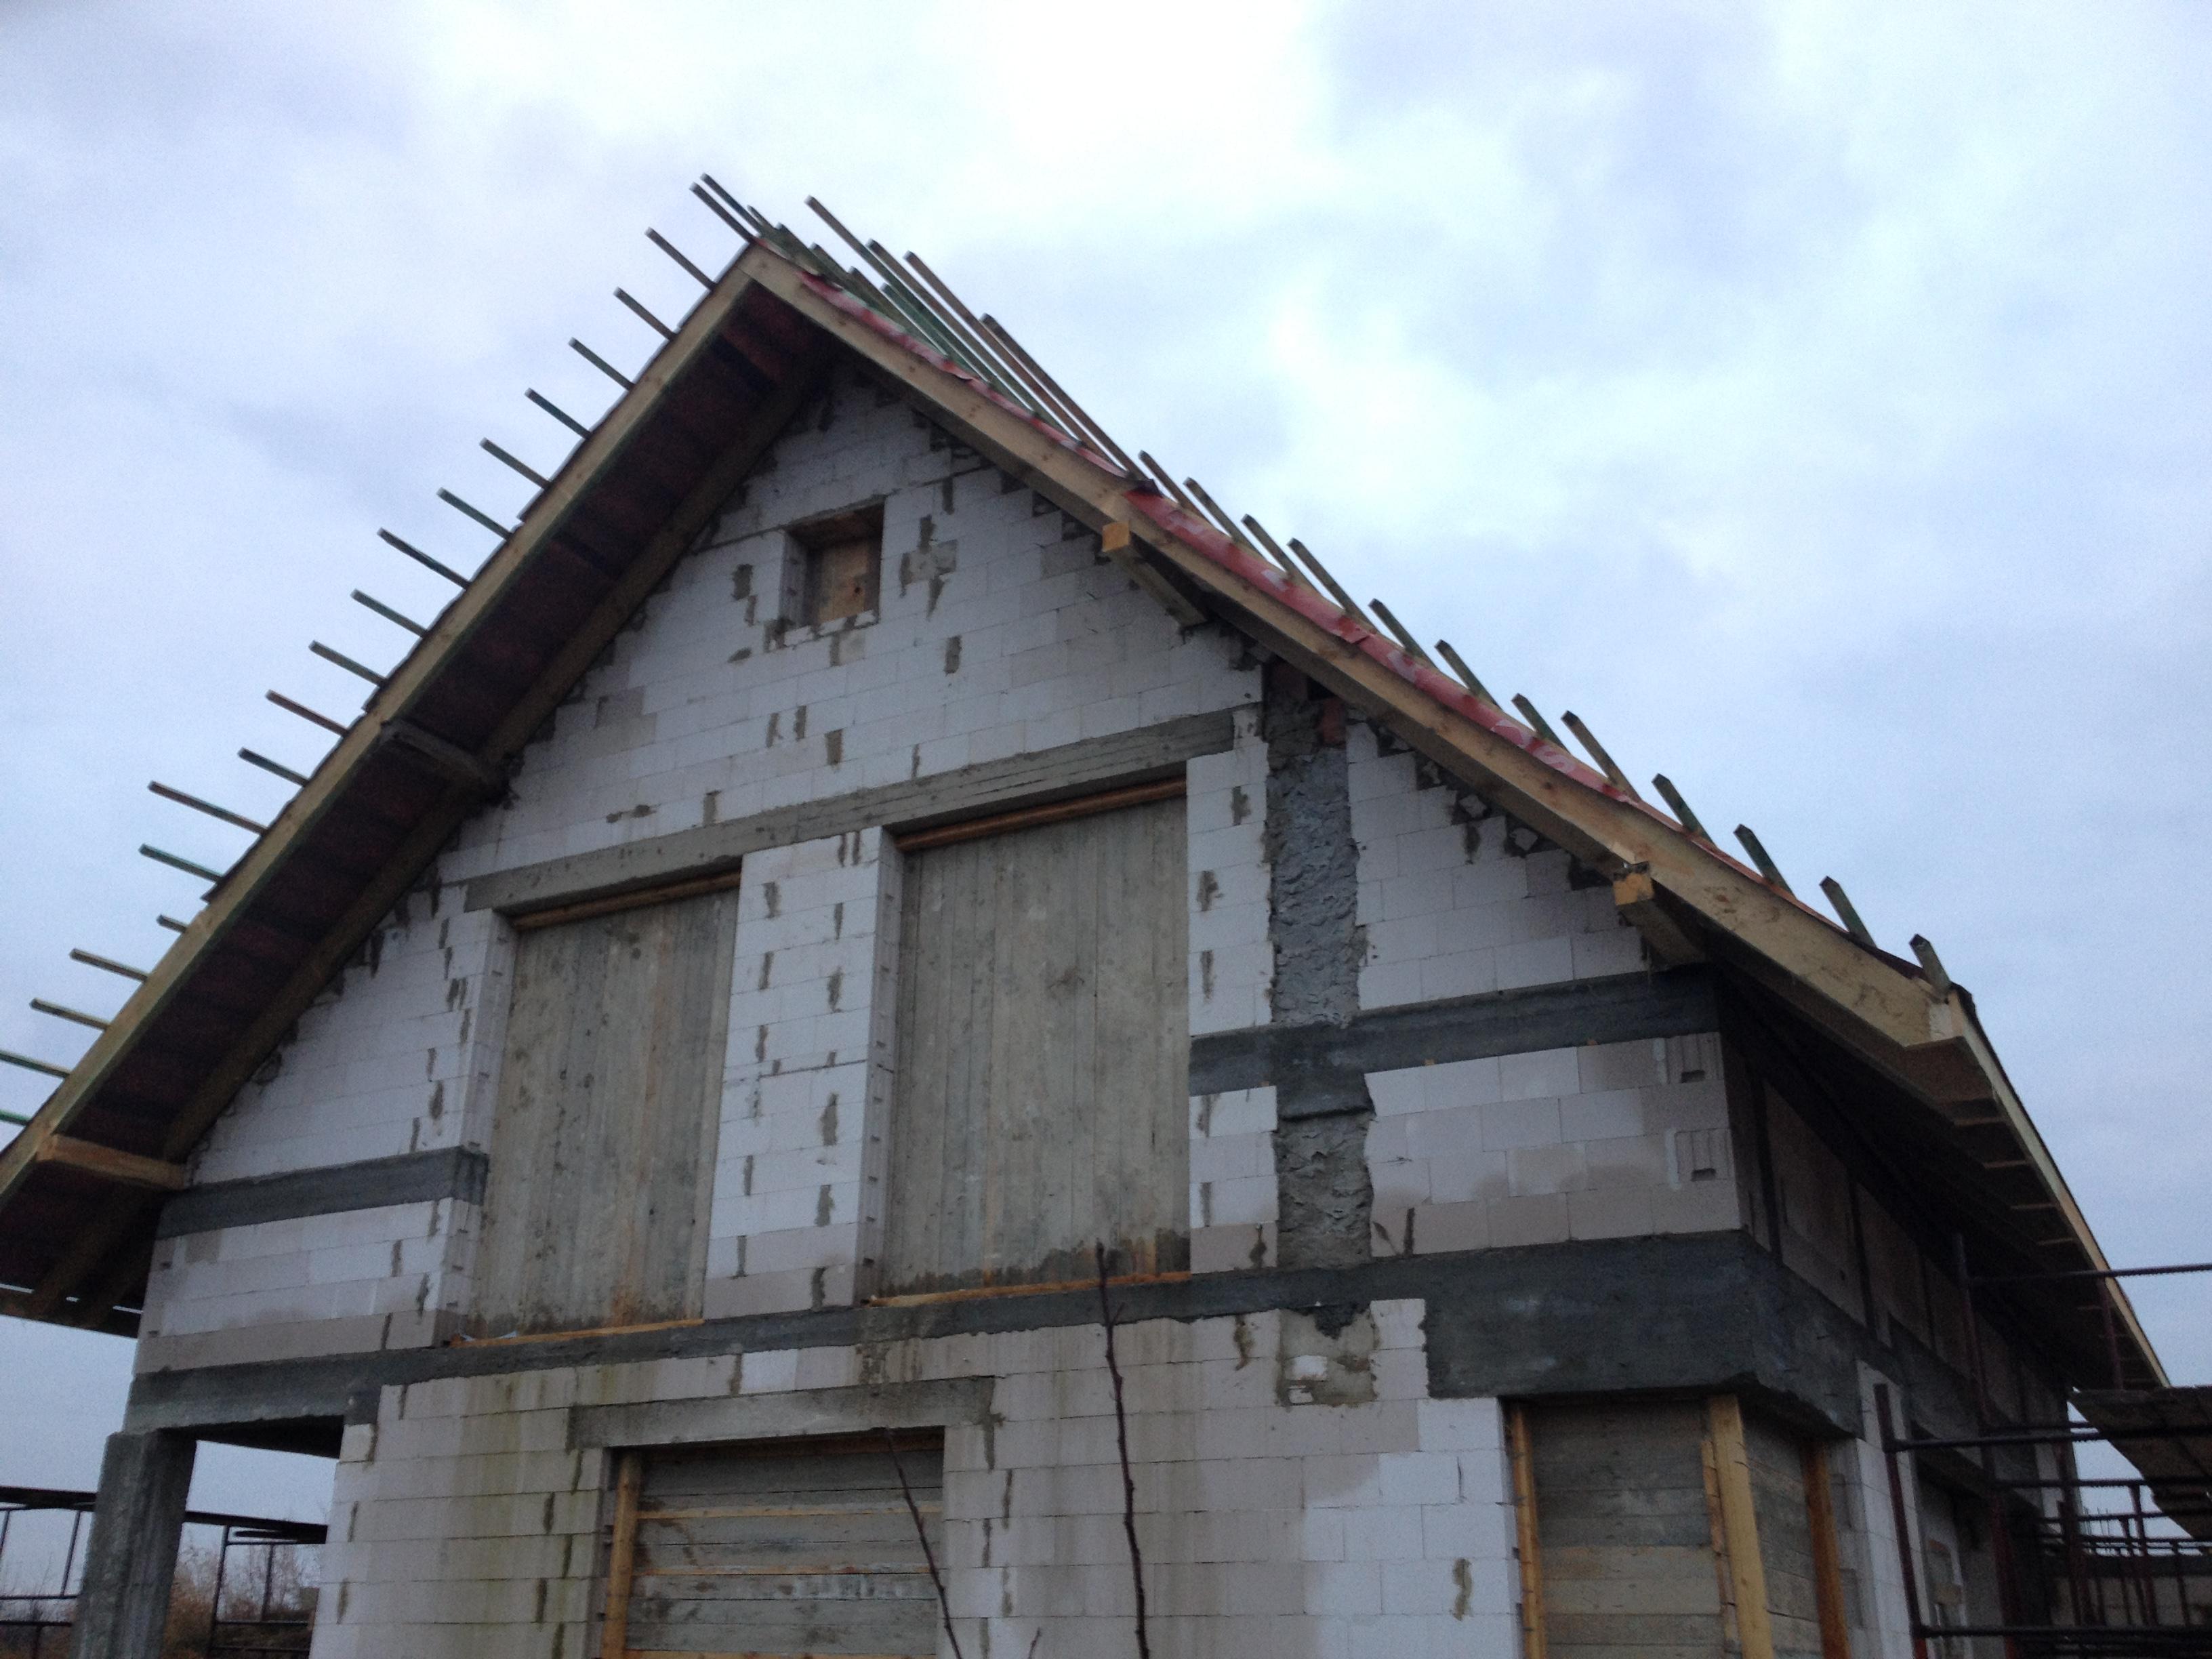 Szczyt domu , widać ile dach wystaje od ściany.